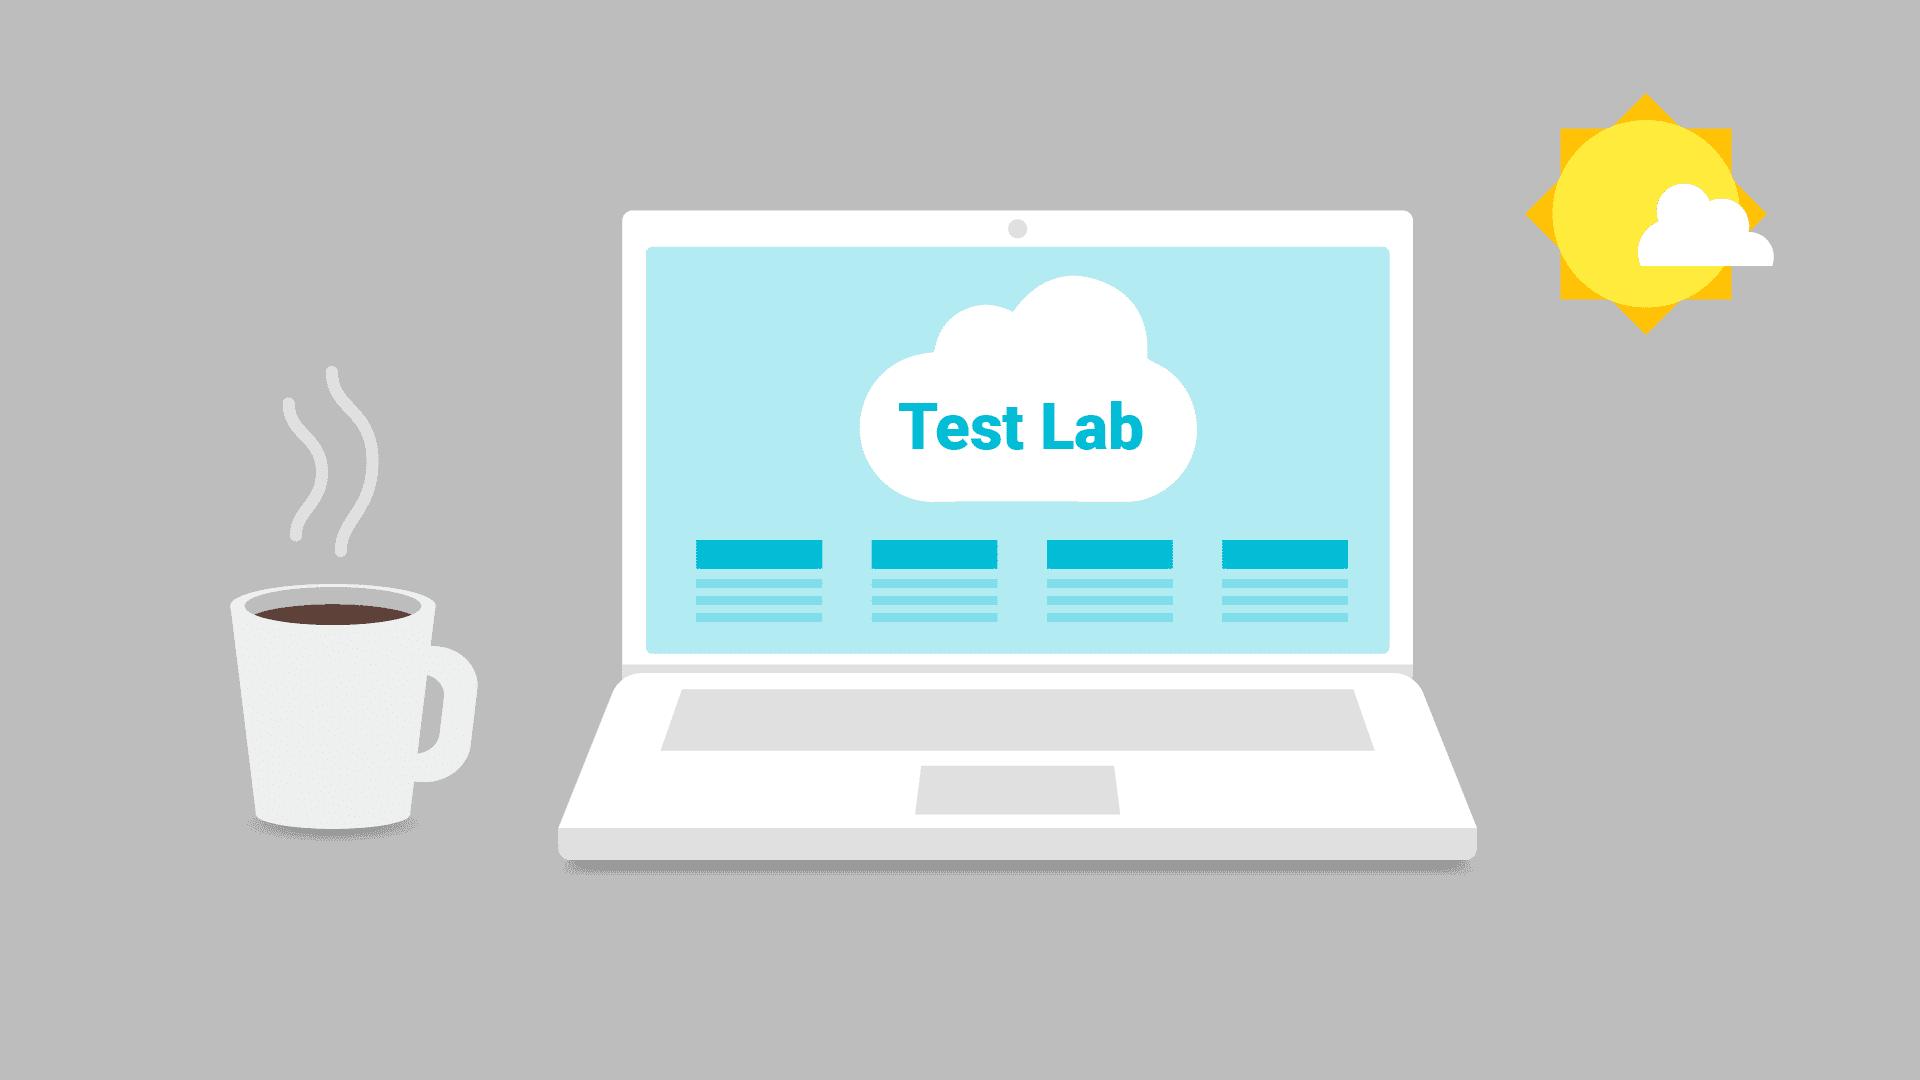 لپ تاپ با آزمایشگاه روی صفحه